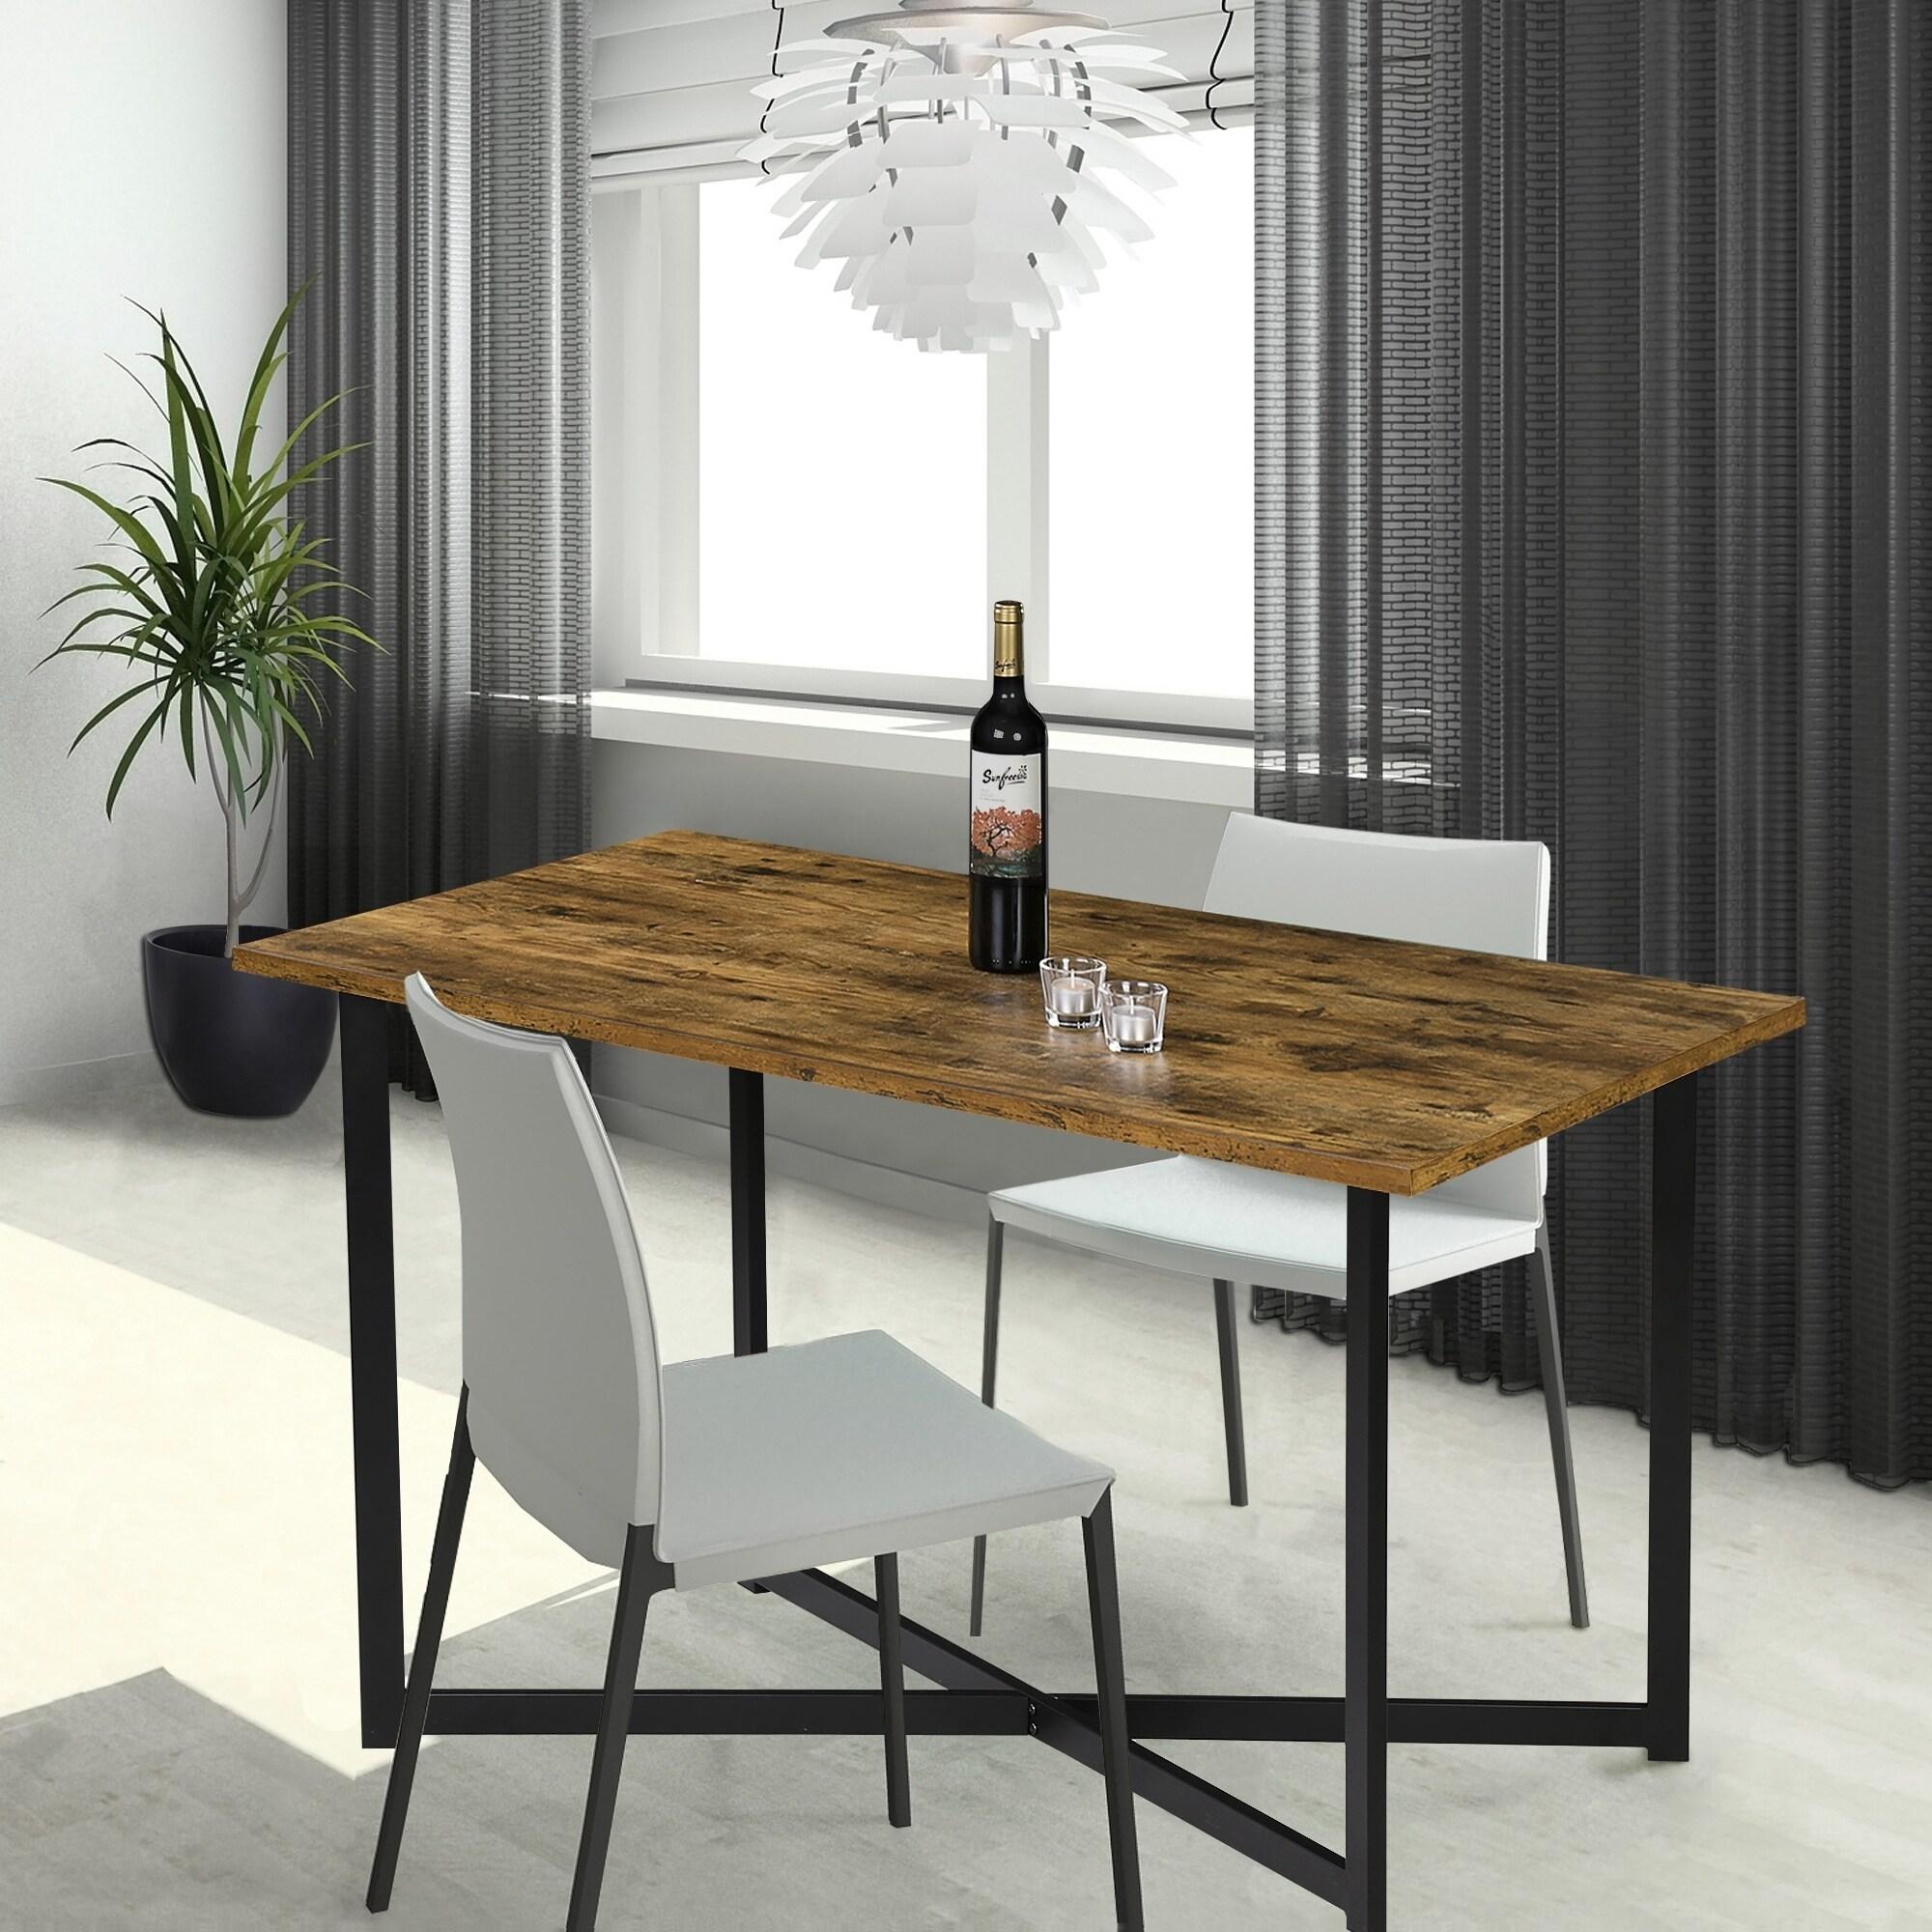 Sleeplanner Natural Wood/Metal Dining Table